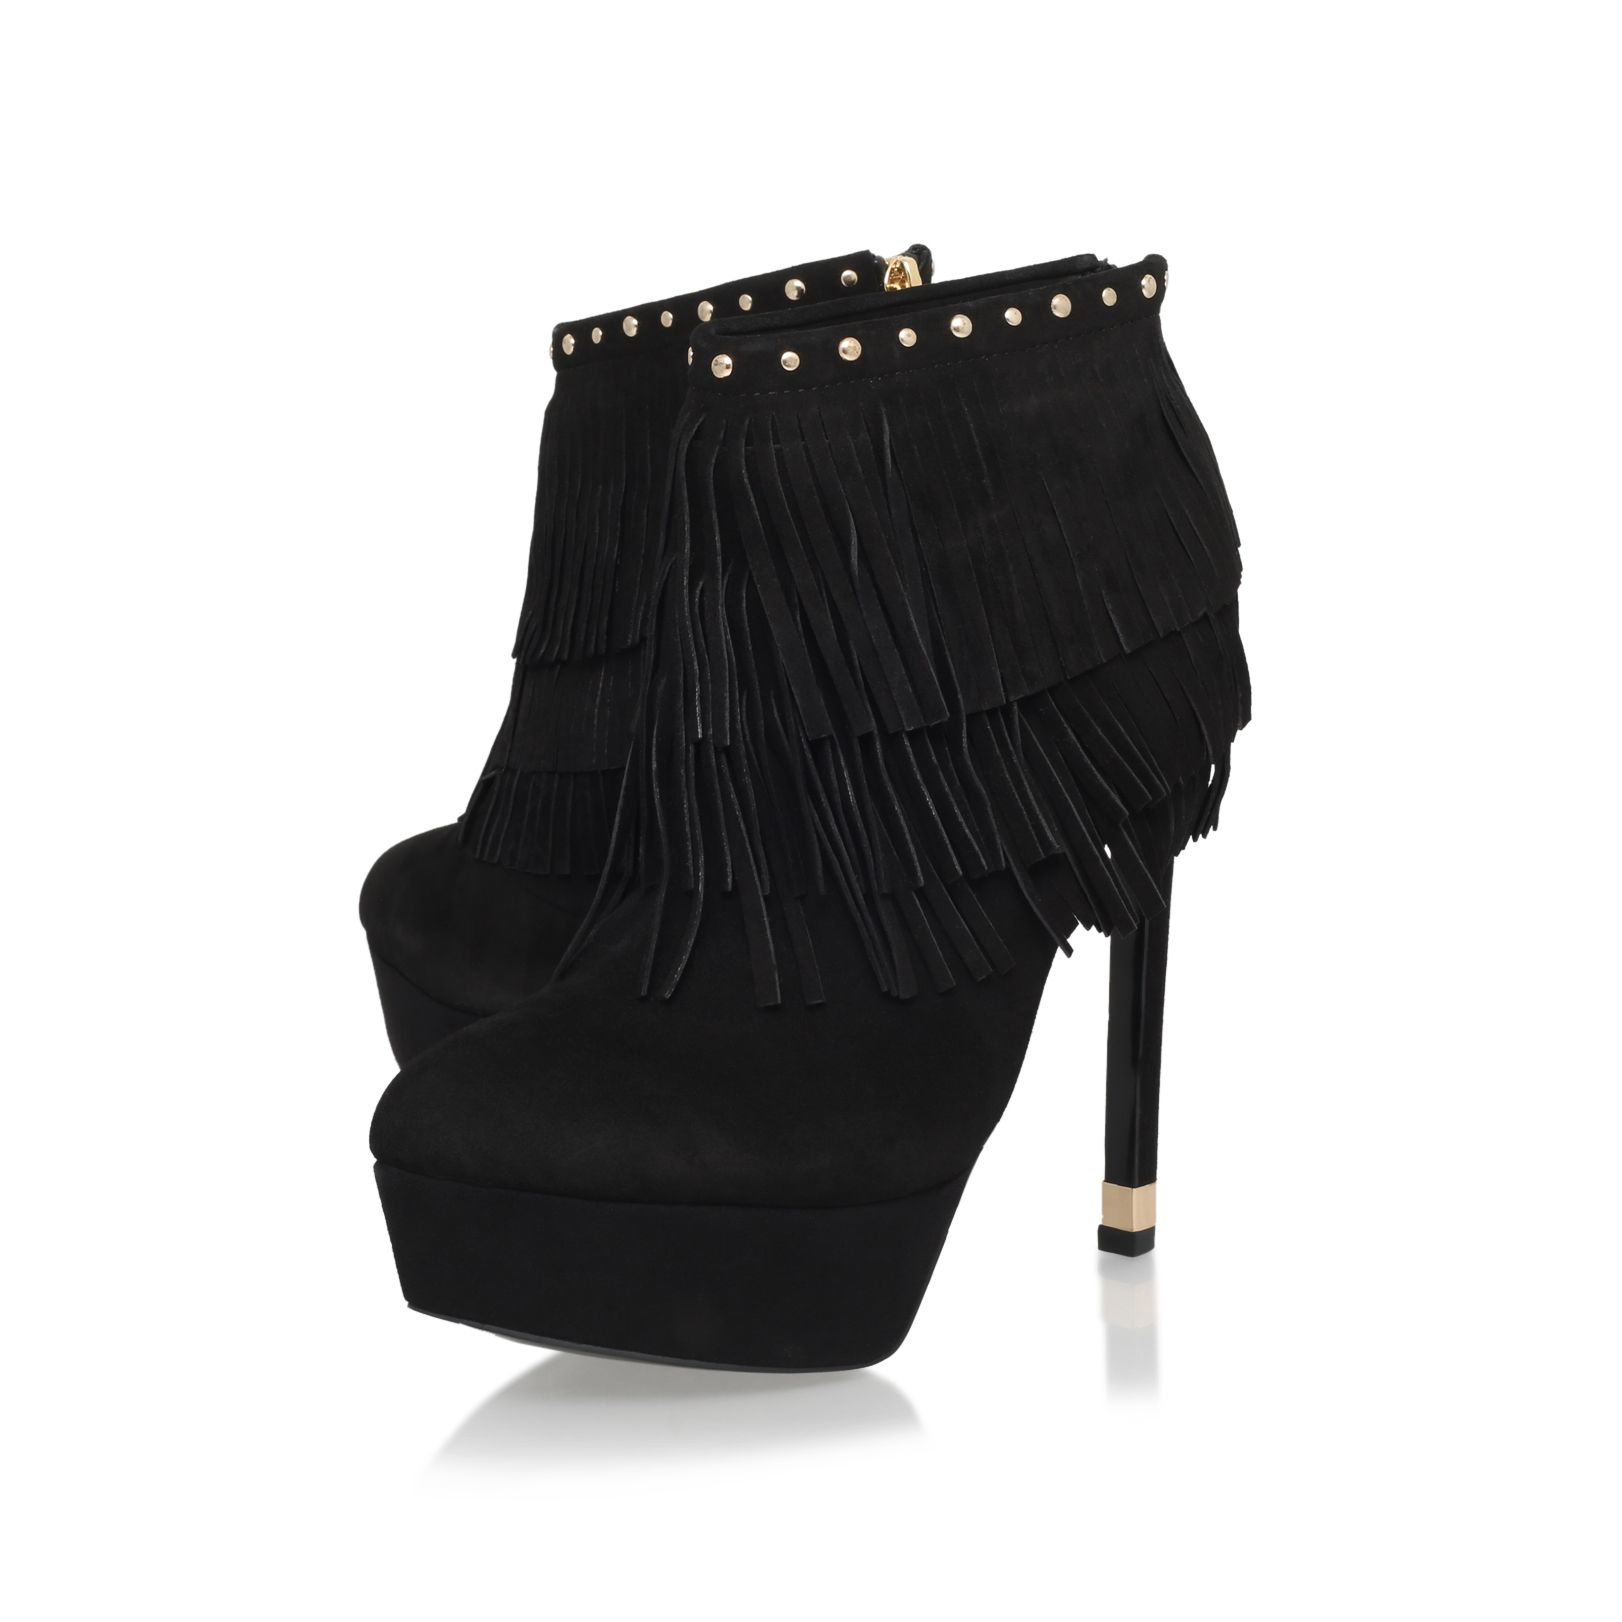 KG by Kurt Geiger Leather Scala High Platform Fringe Ankle Boots in Black